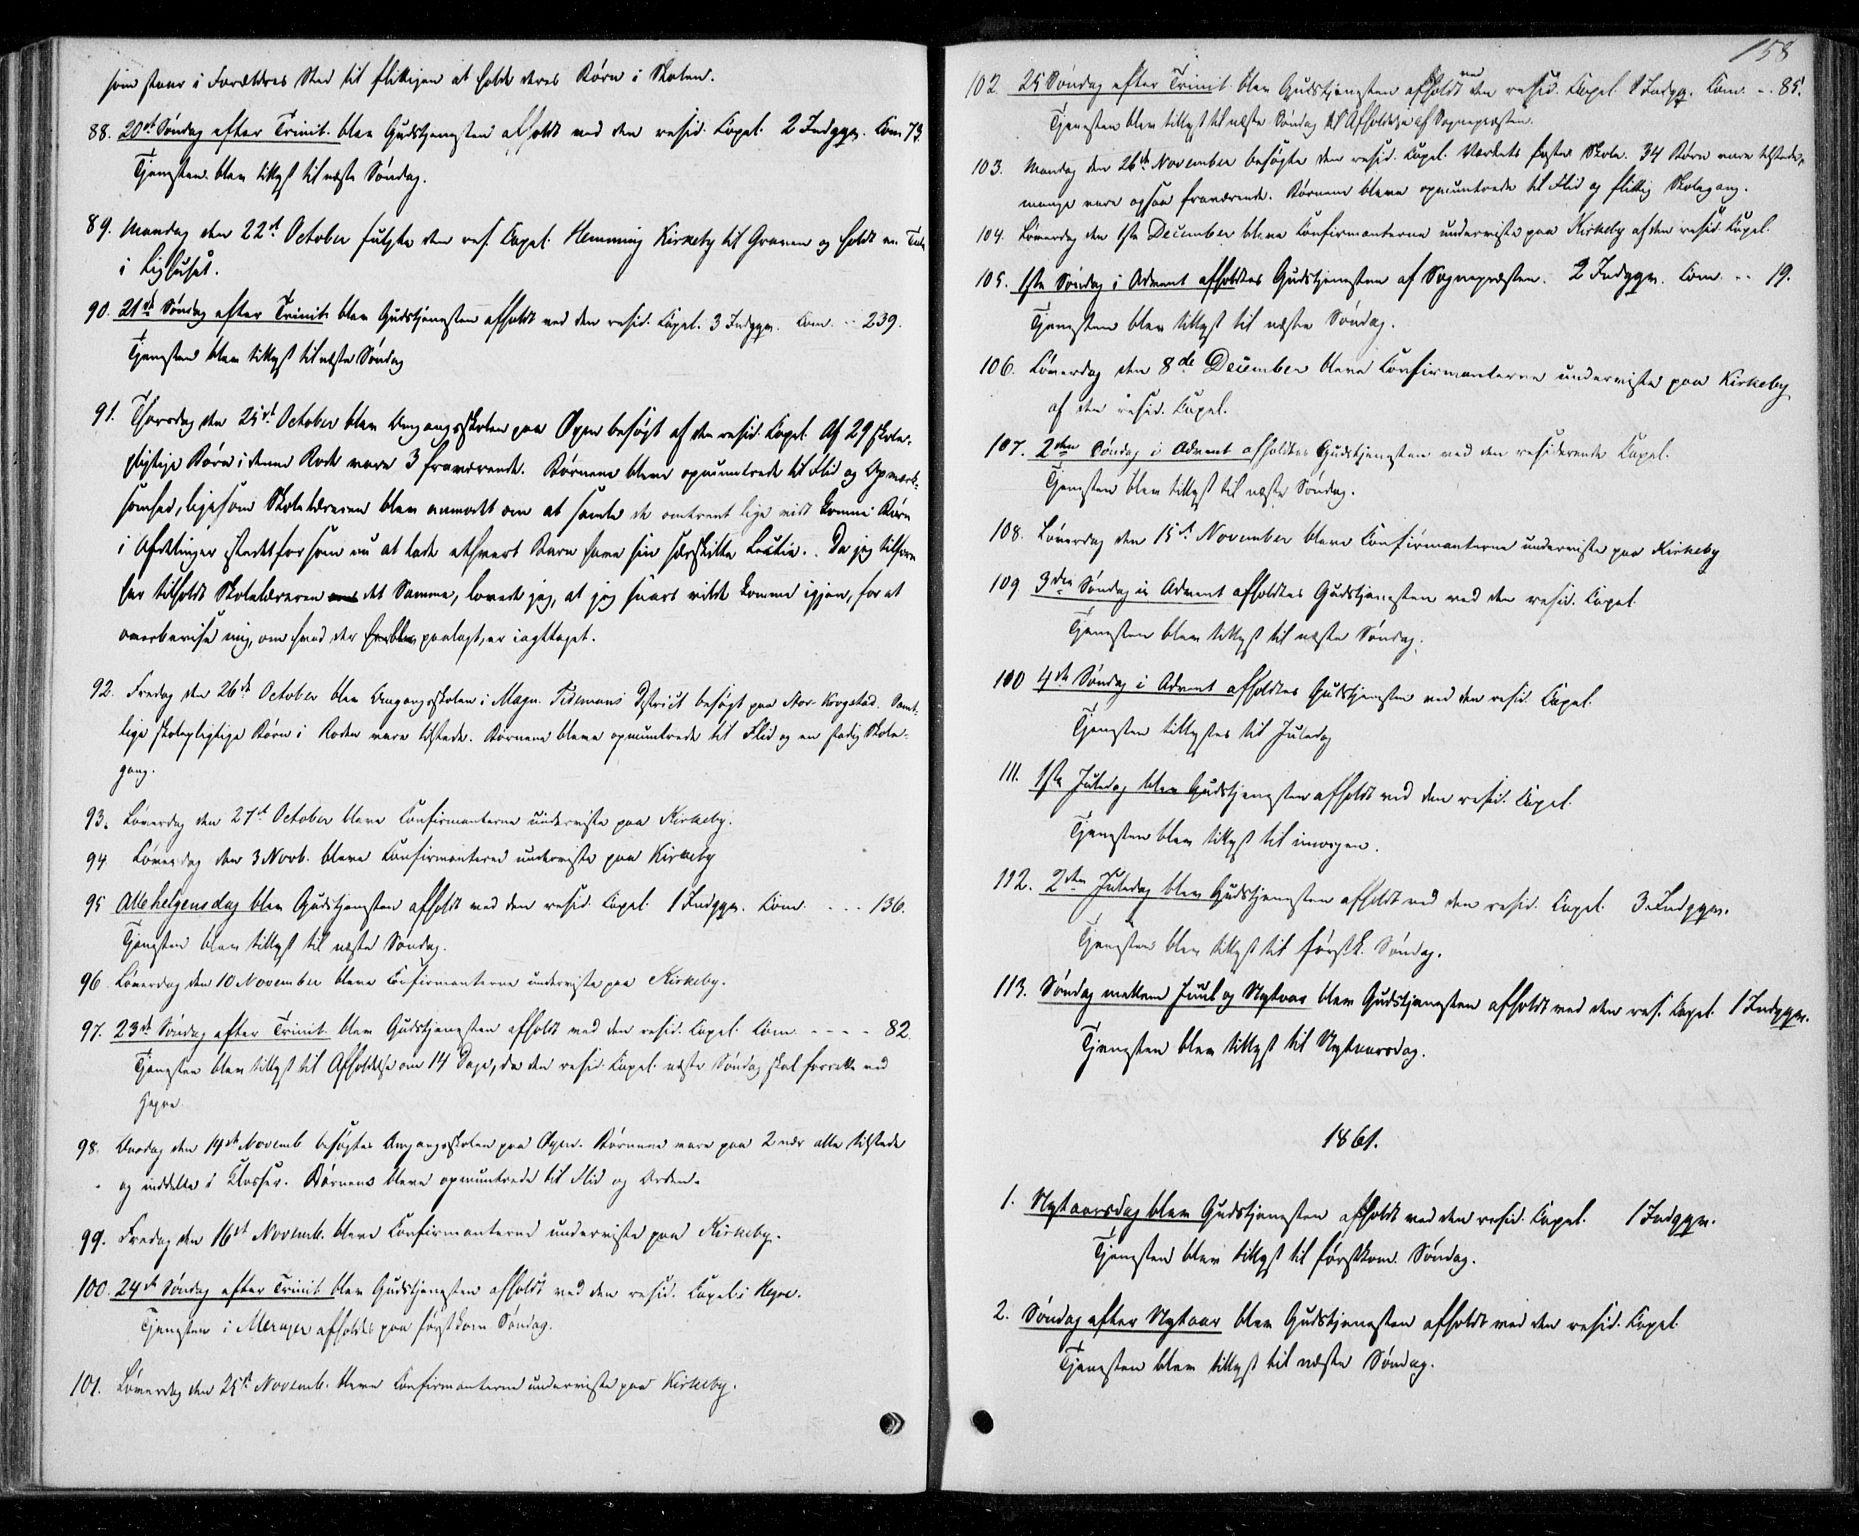 SAT, Ministerialprotokoller, klokkerbøker og fødselsregistre - Nord-Trøndelag, 706/L0040: Parish register (official) no. 706A01, 1850-1861, p. 158